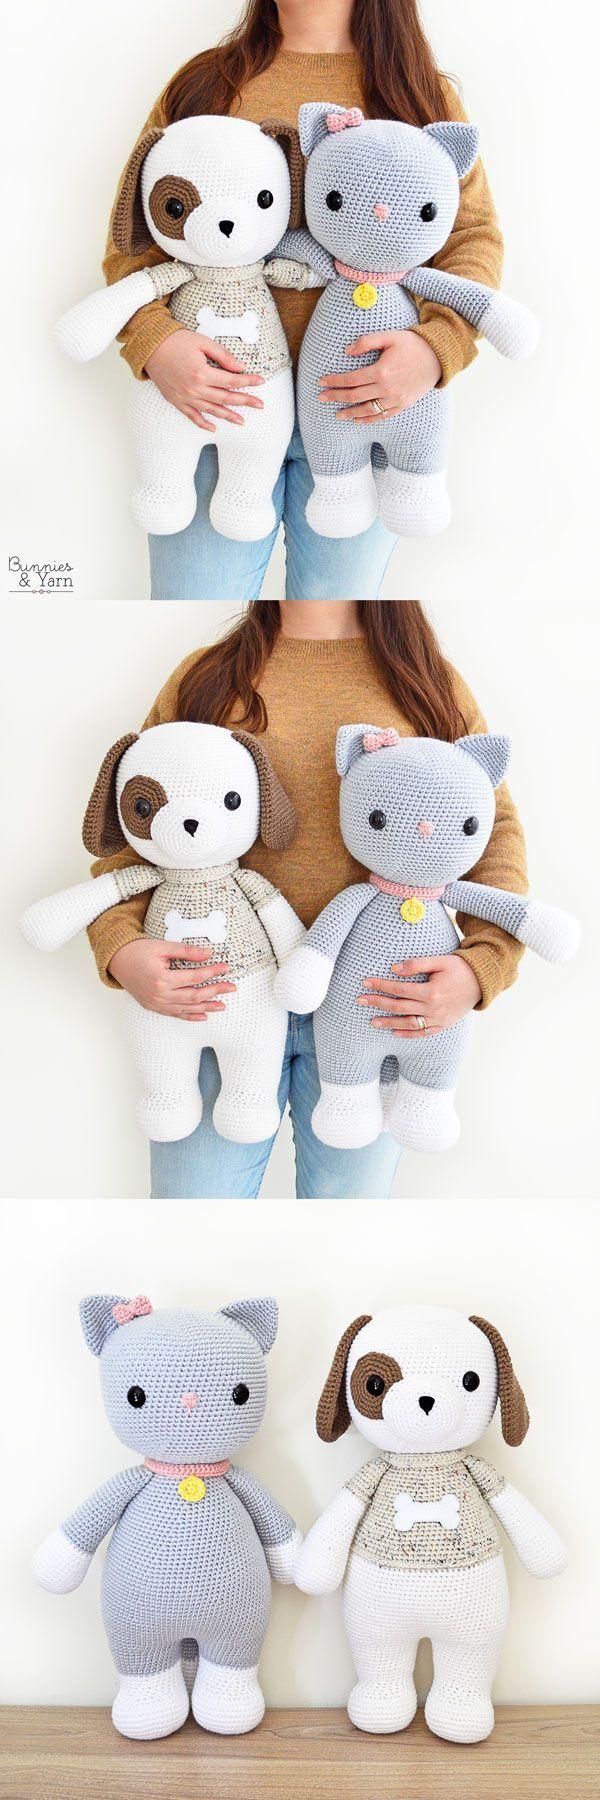 Padrões de crochê - Thomas o cão amigável e Frida o gato amigável - Amigur ...